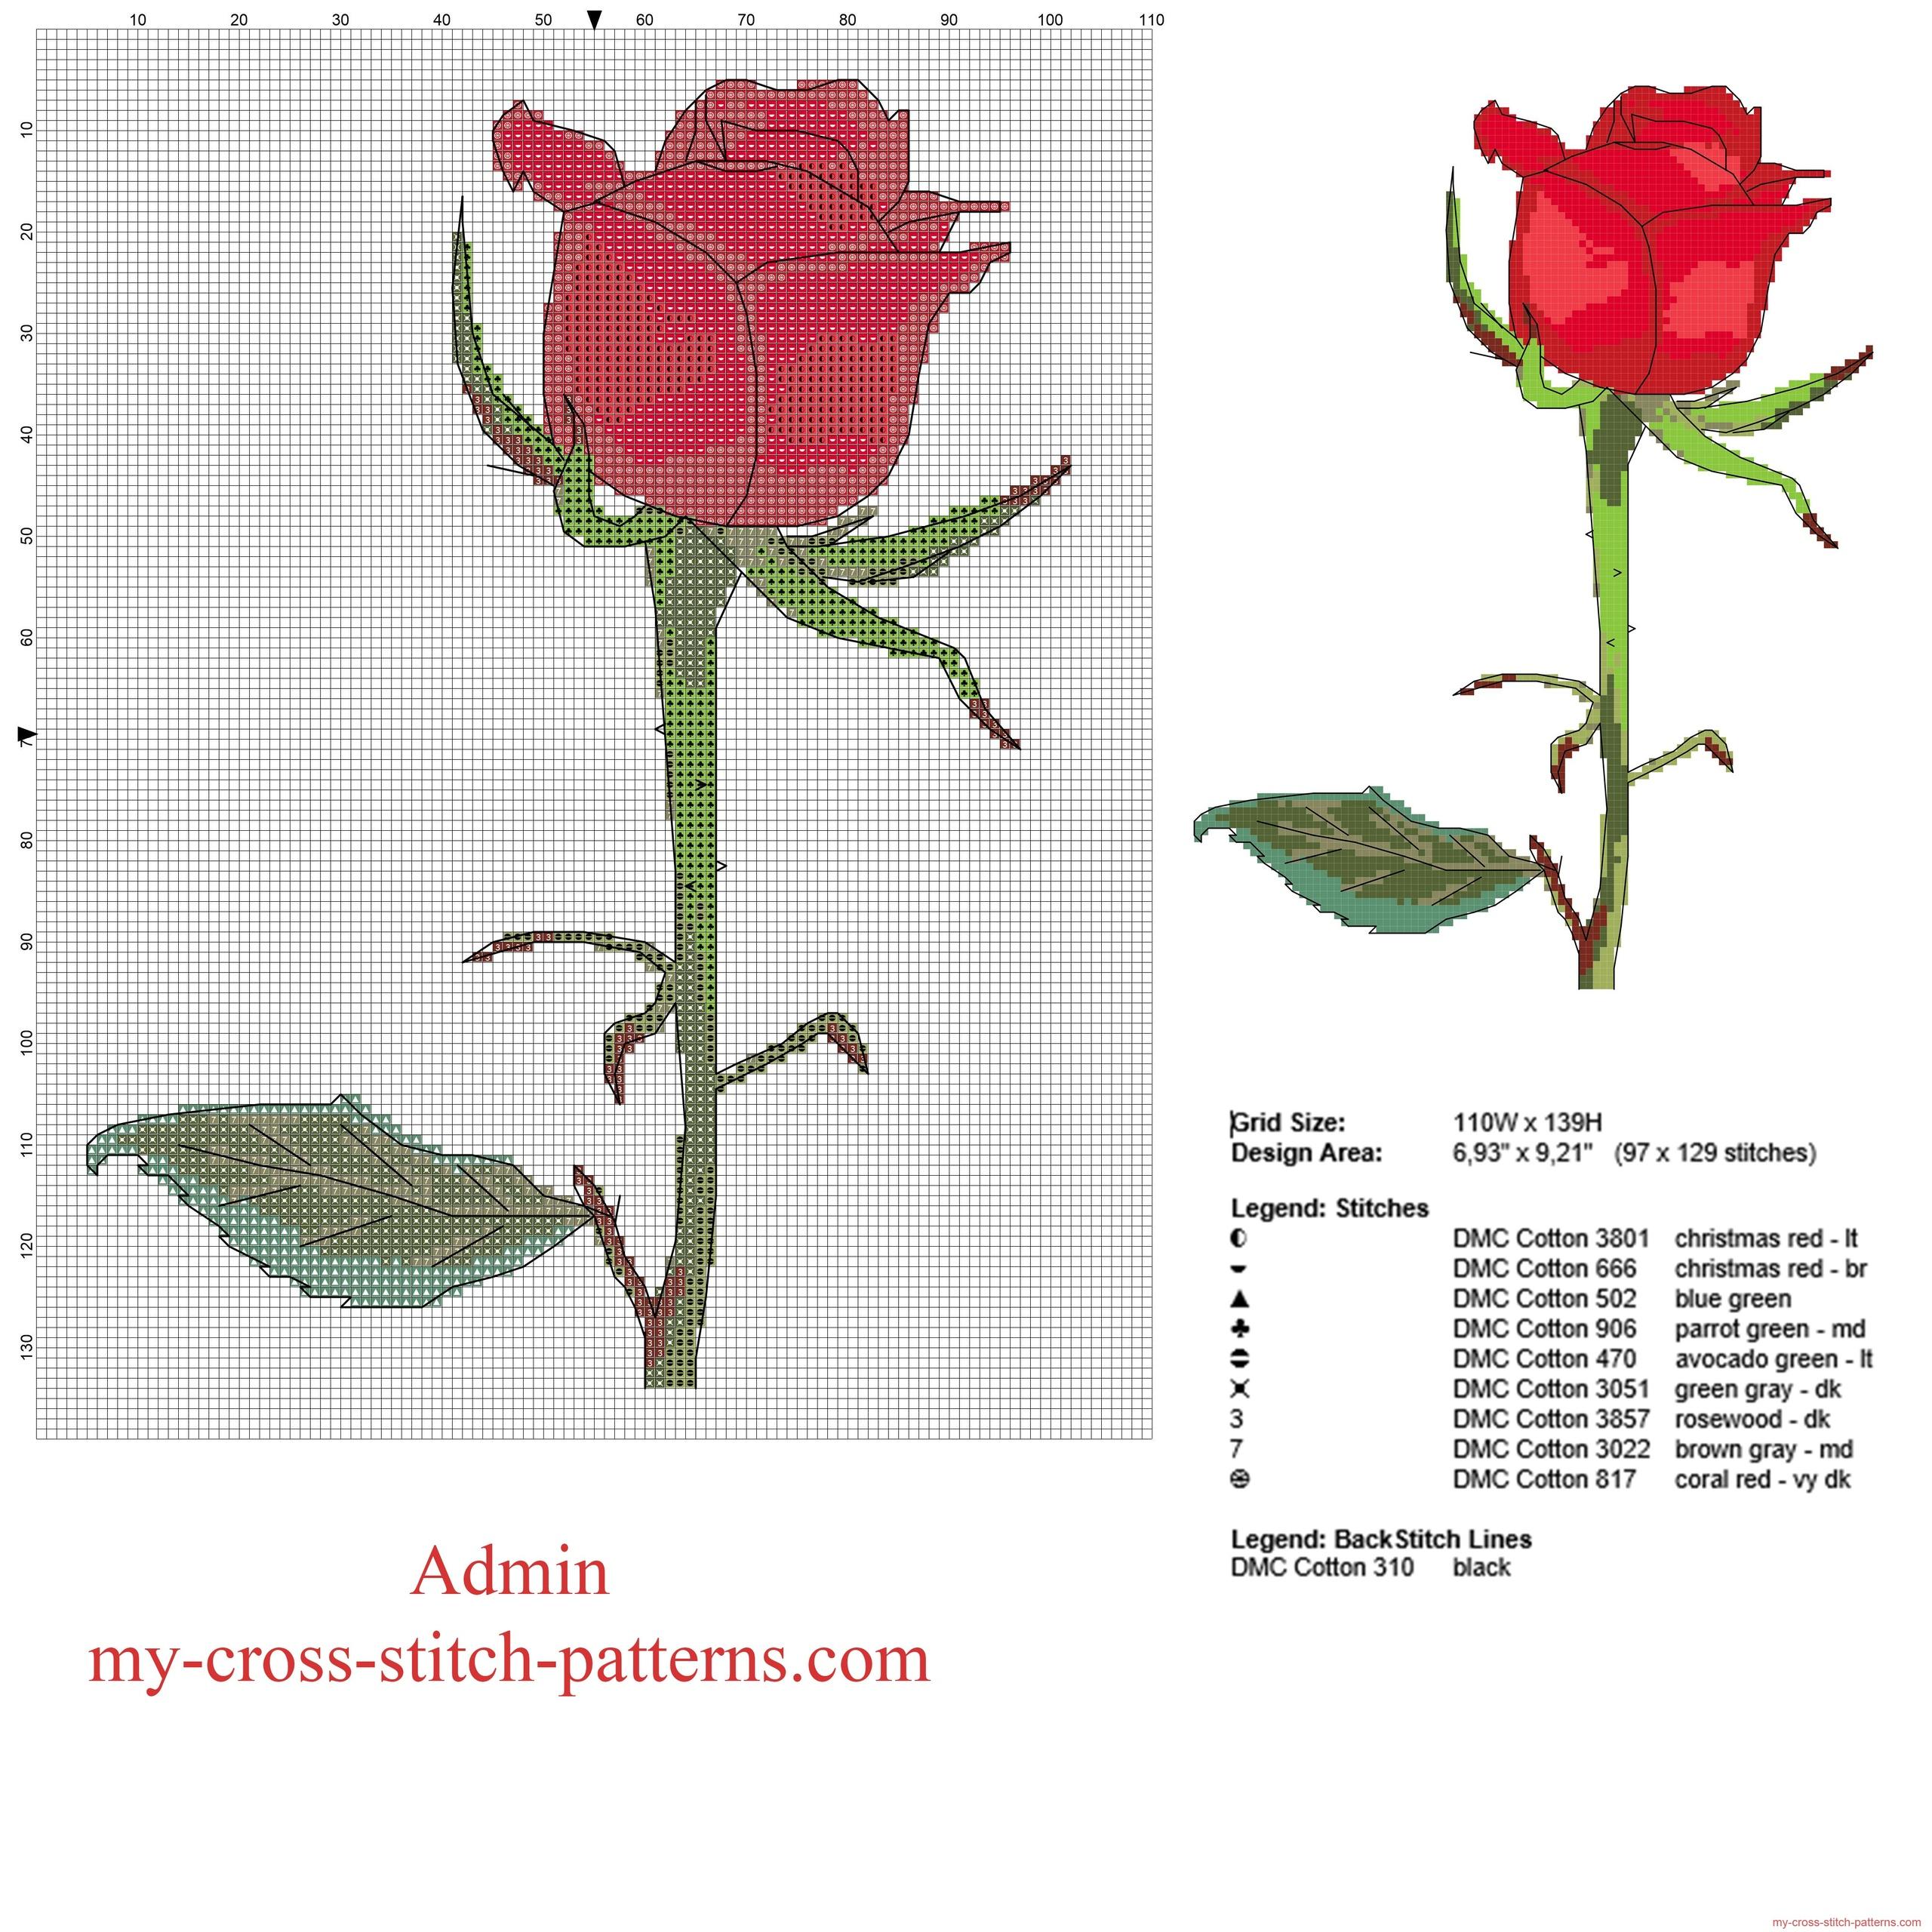 a_beautiful_red_rose_free_cross_stitch_pattern